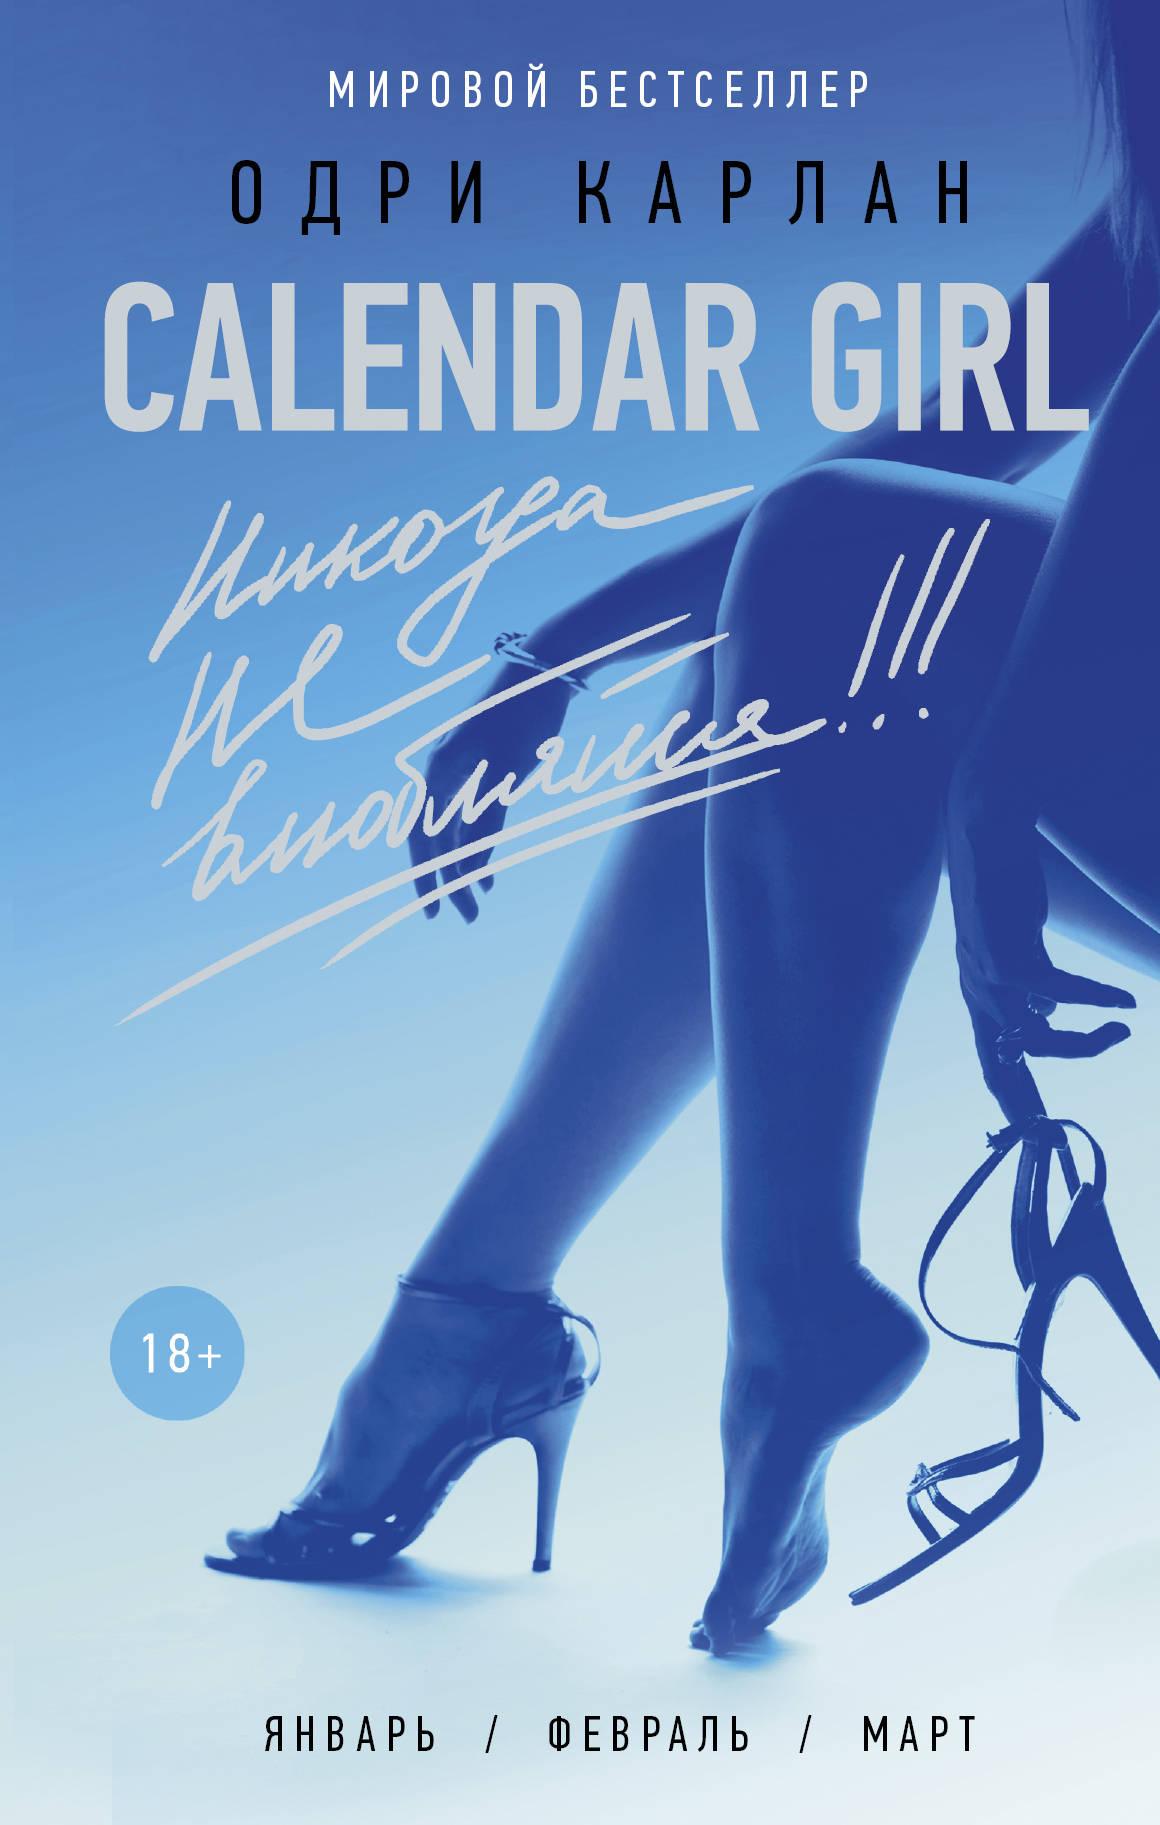 Одри Карлан Никогда не влюбляйся! карлан о calendar girl никогда не влюбляйся